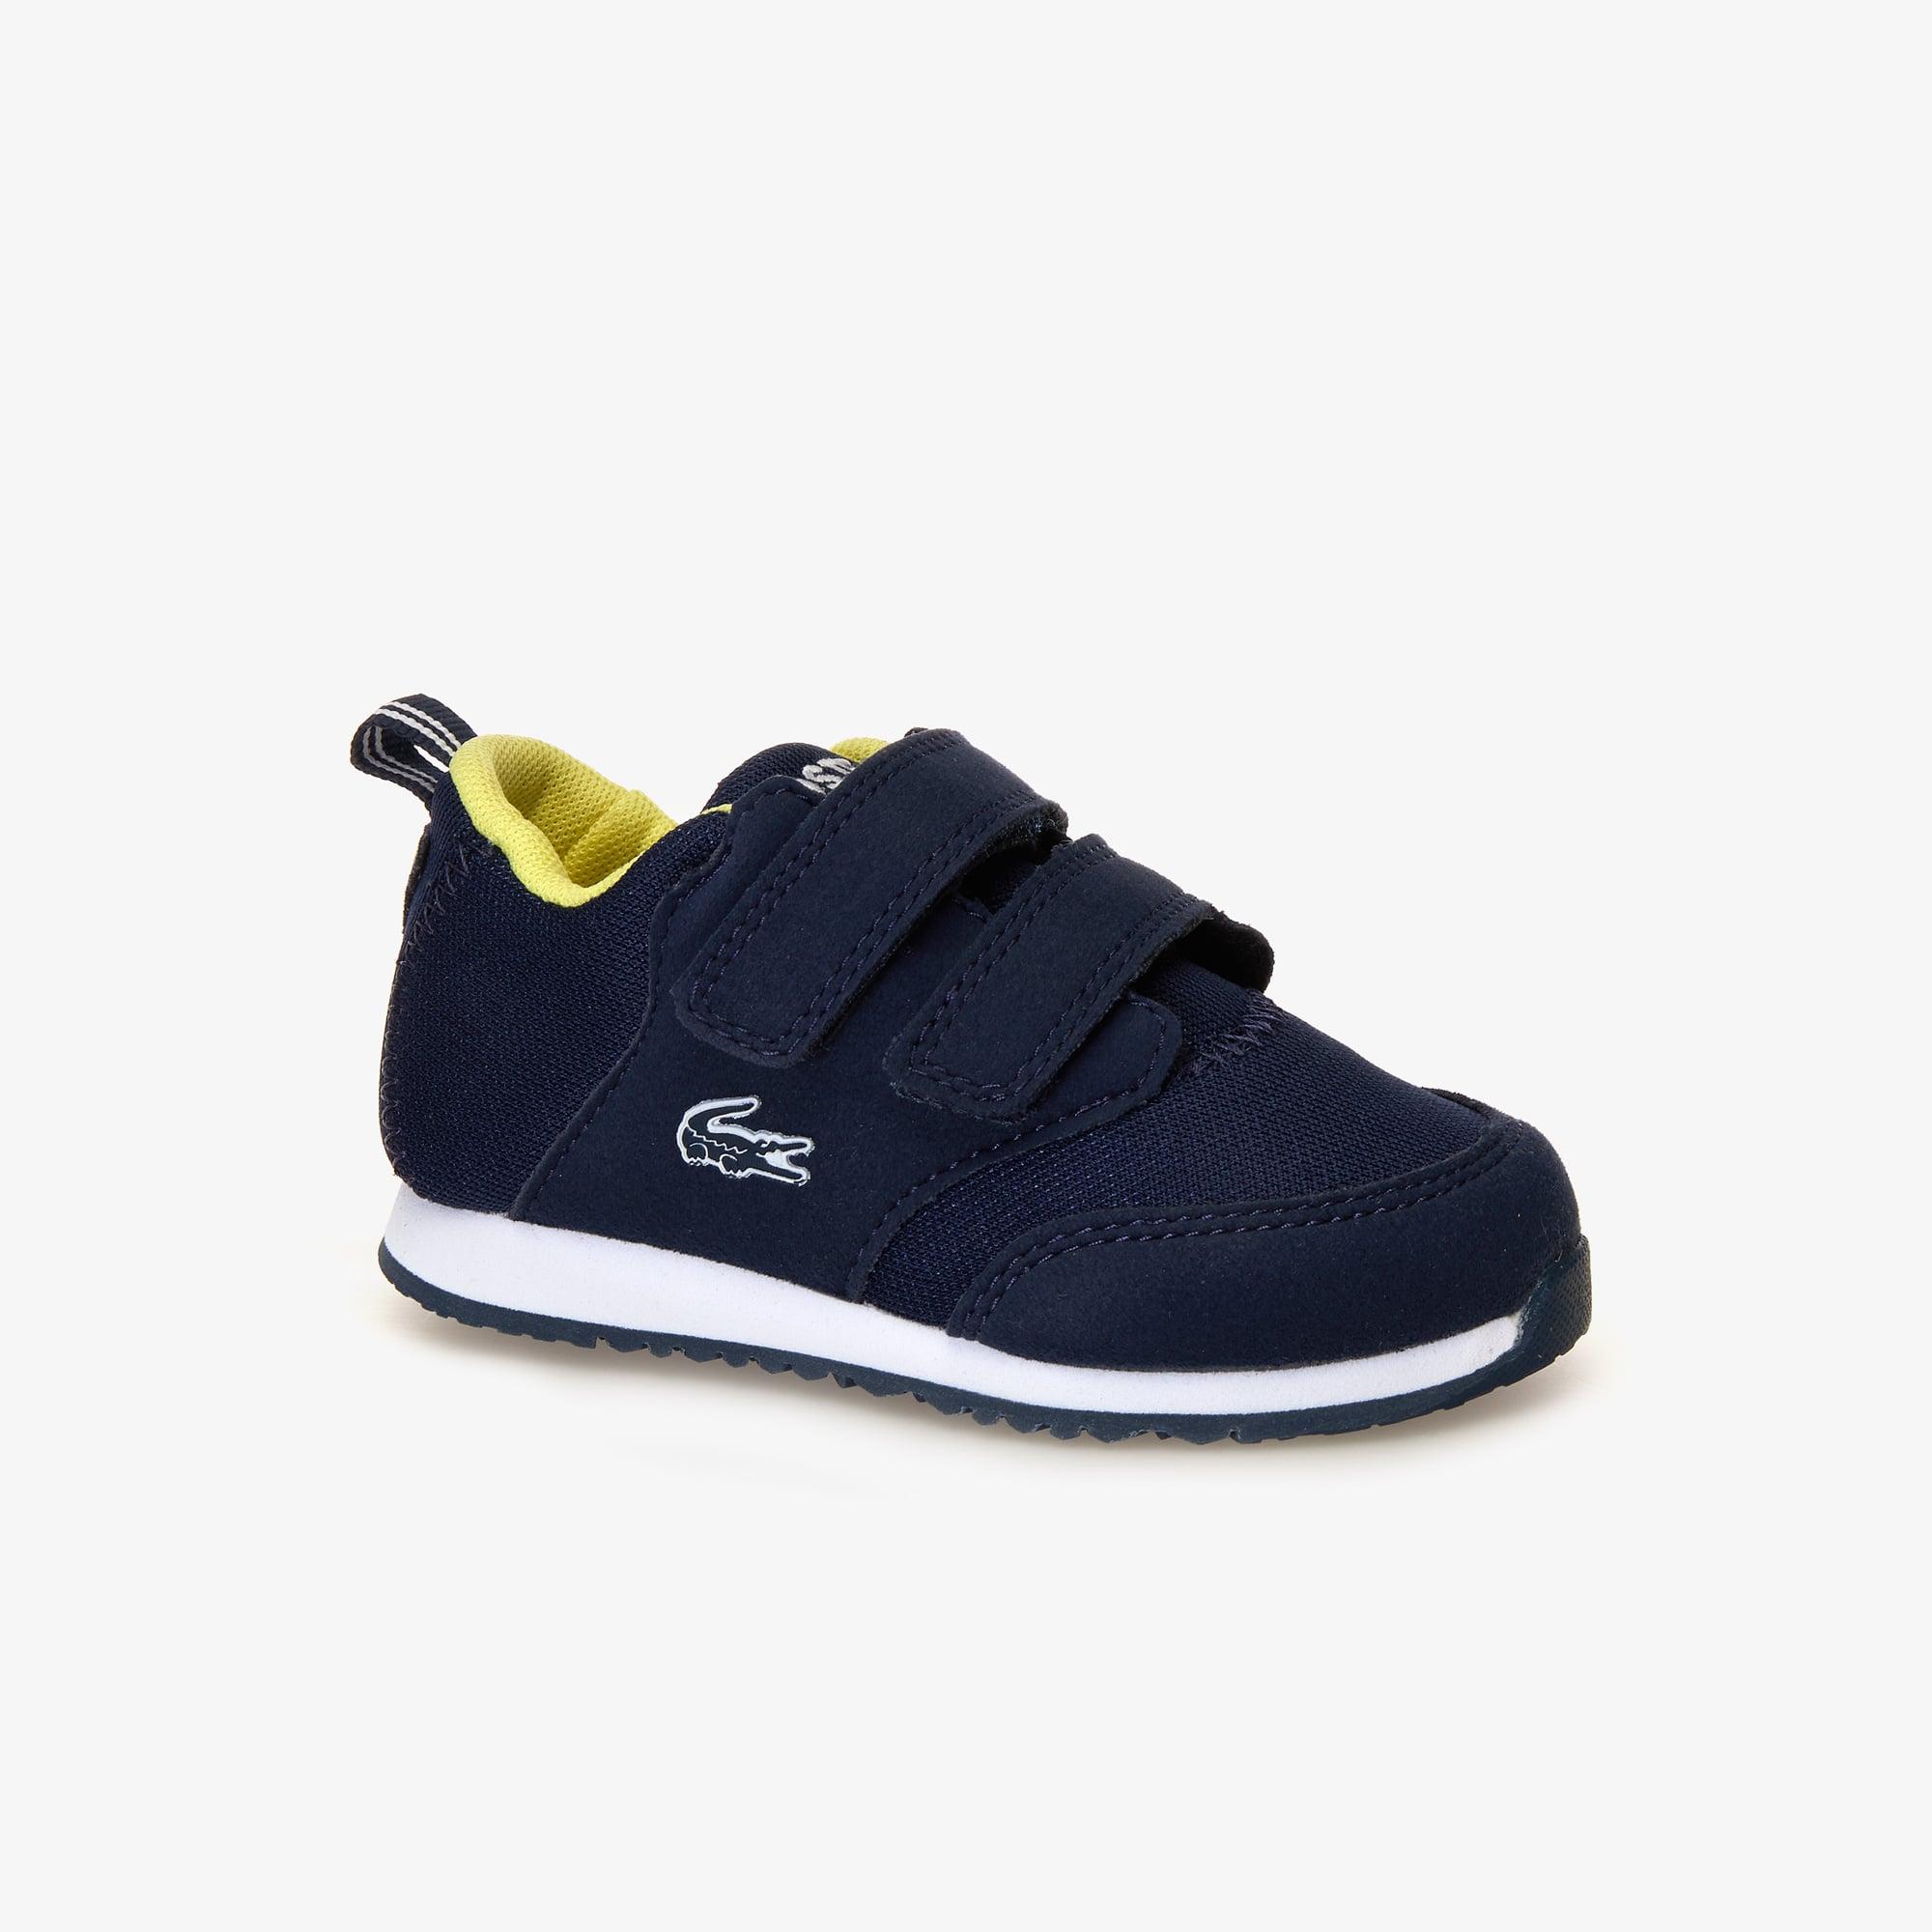 42a1417f1c Chaussures Garçon | Chaussures Enfant | LACOSTE